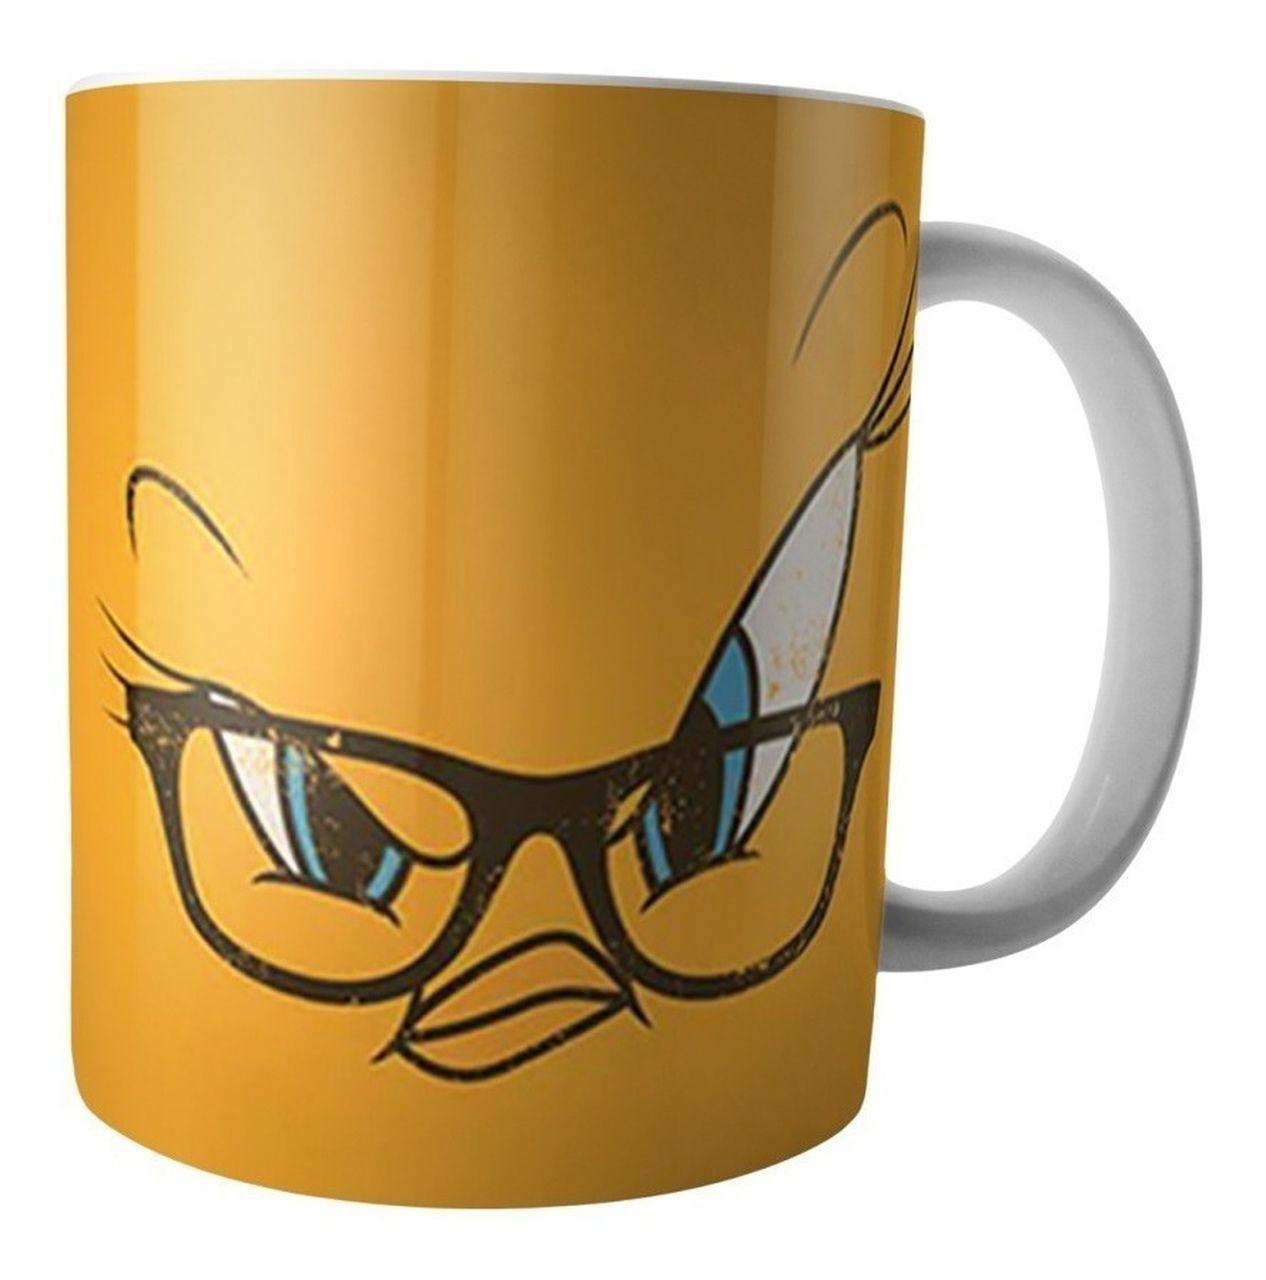 Caneca de Porcelana Piu-piu (De Óculos): Looney Tunes (300ml) - Metropole